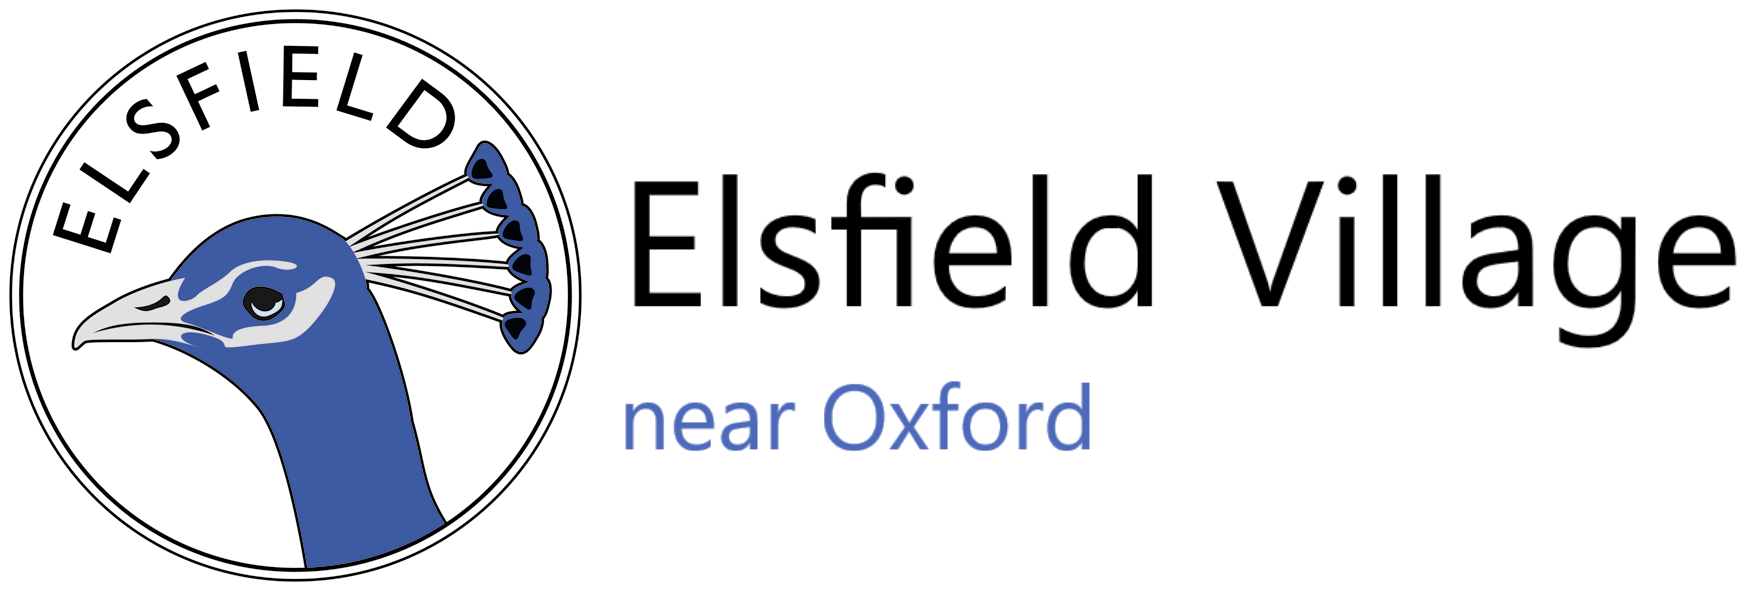 Elsfield Village website